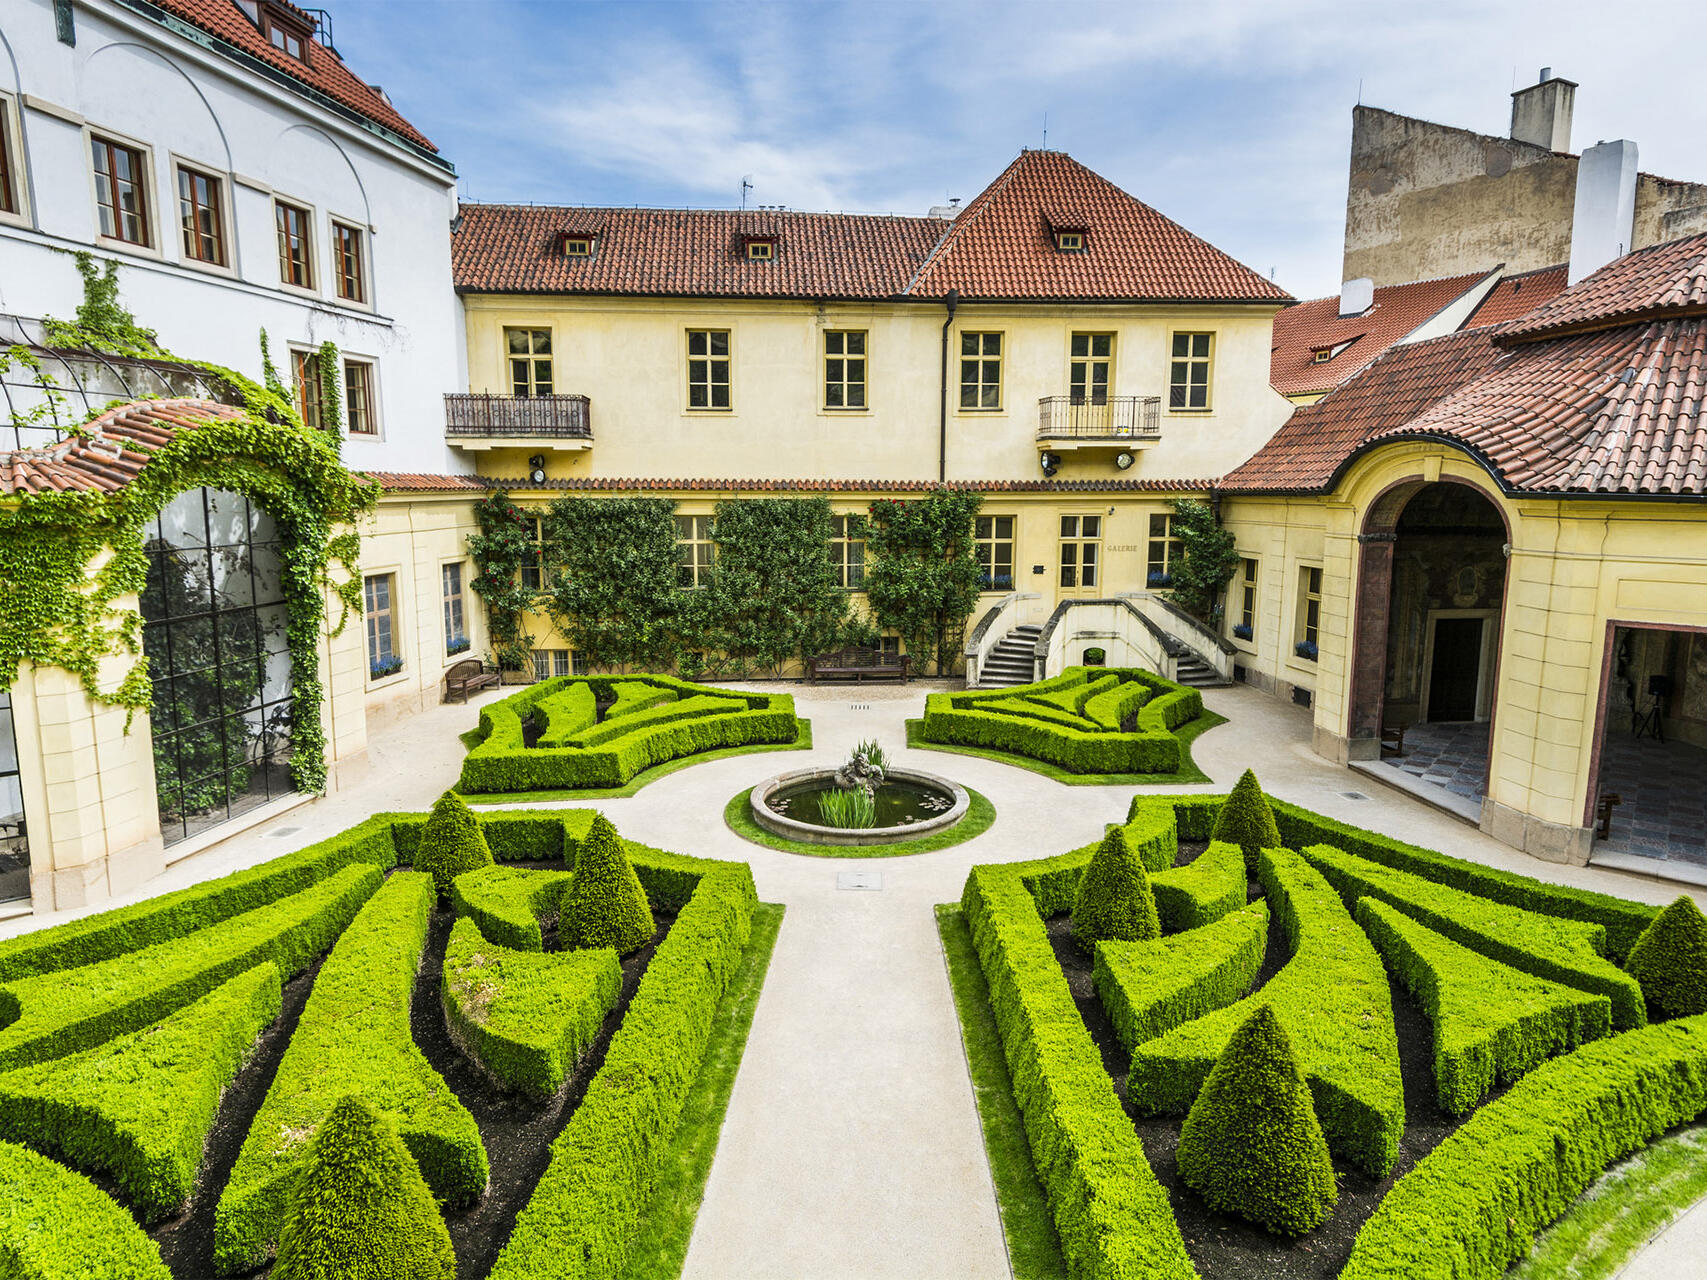 Vrtba Garden at Aria Hotel in Prague